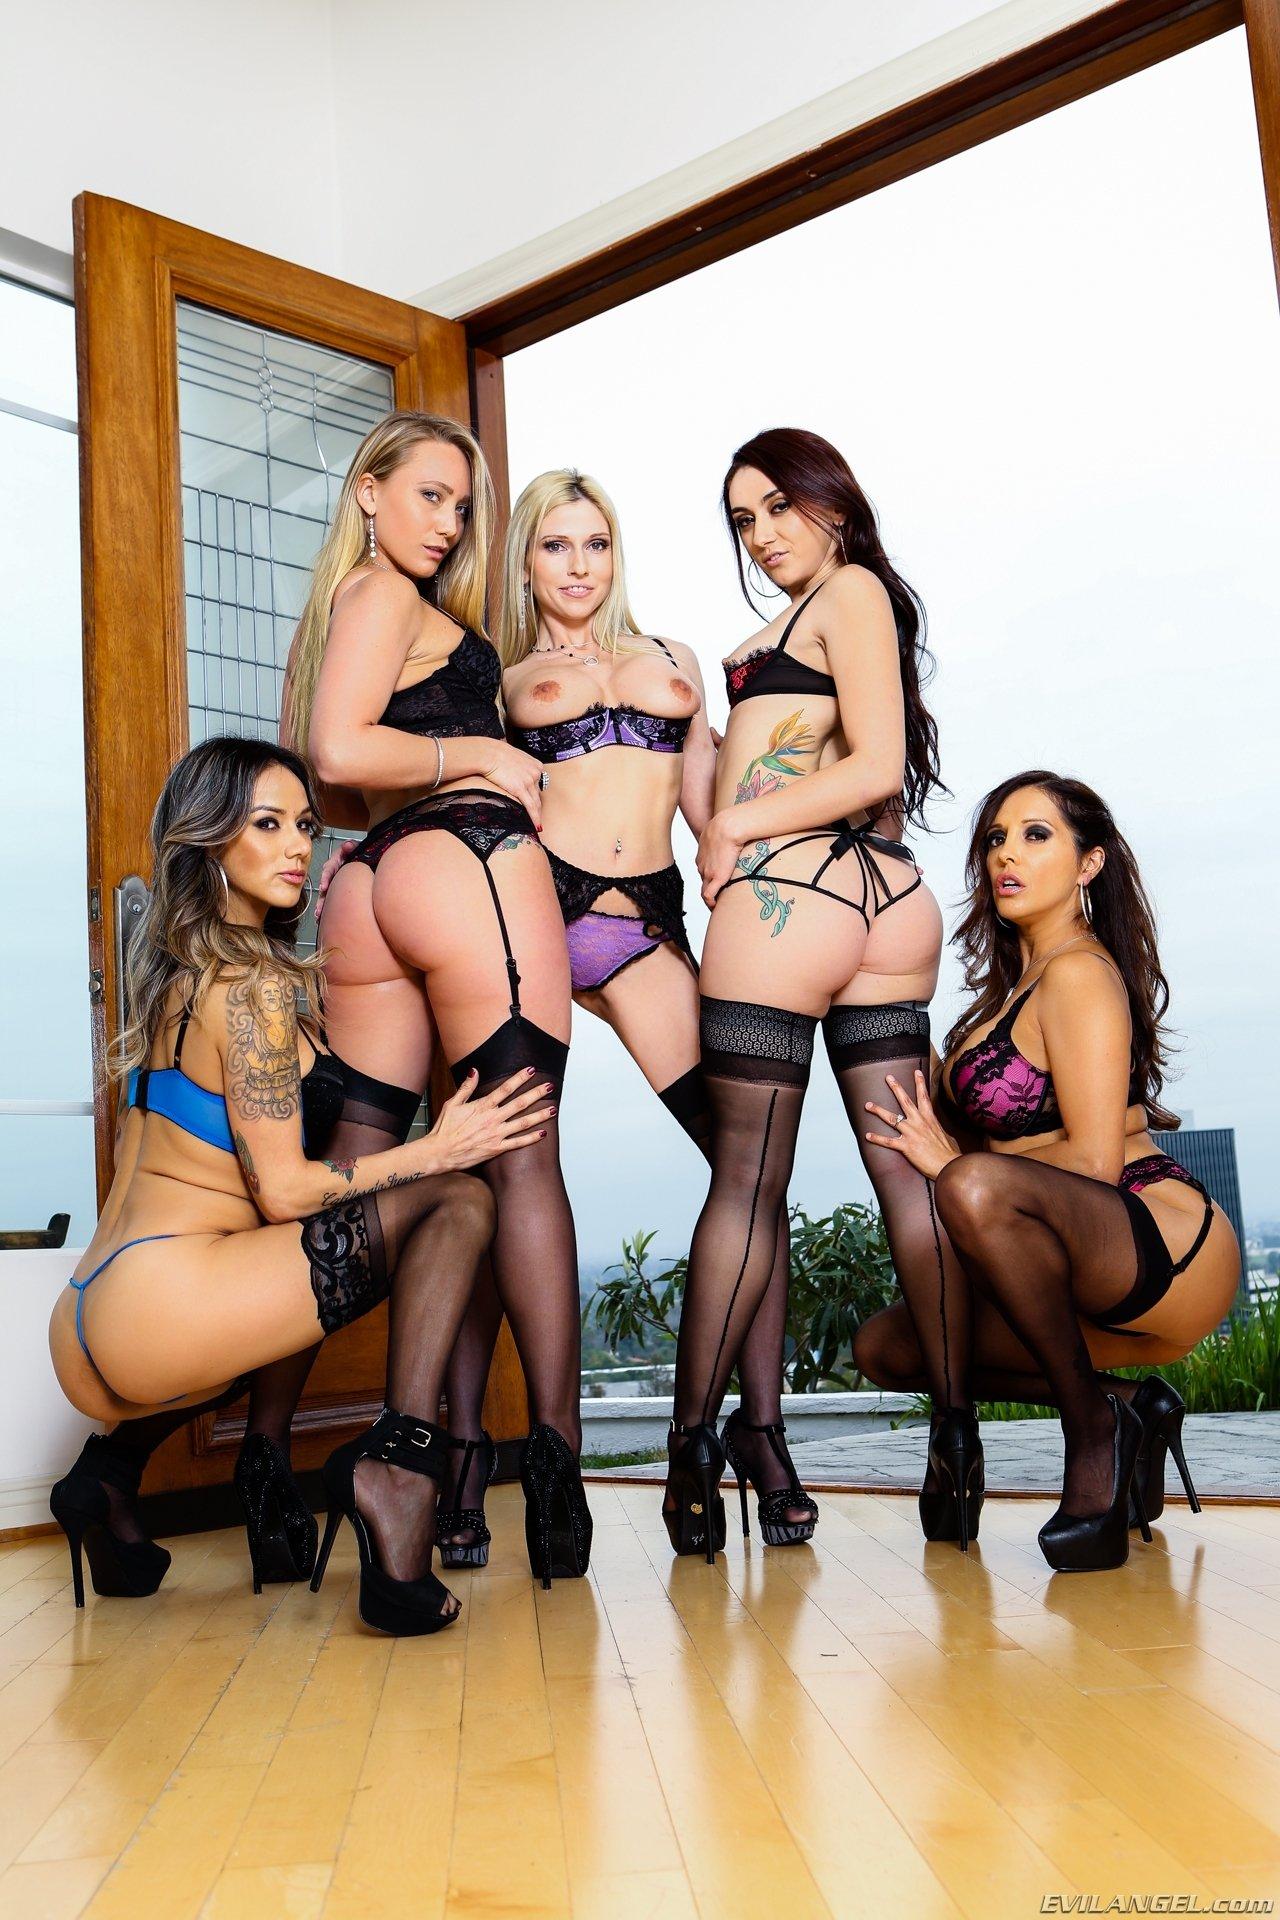 Групповуха - Порно фото галерея 1085226